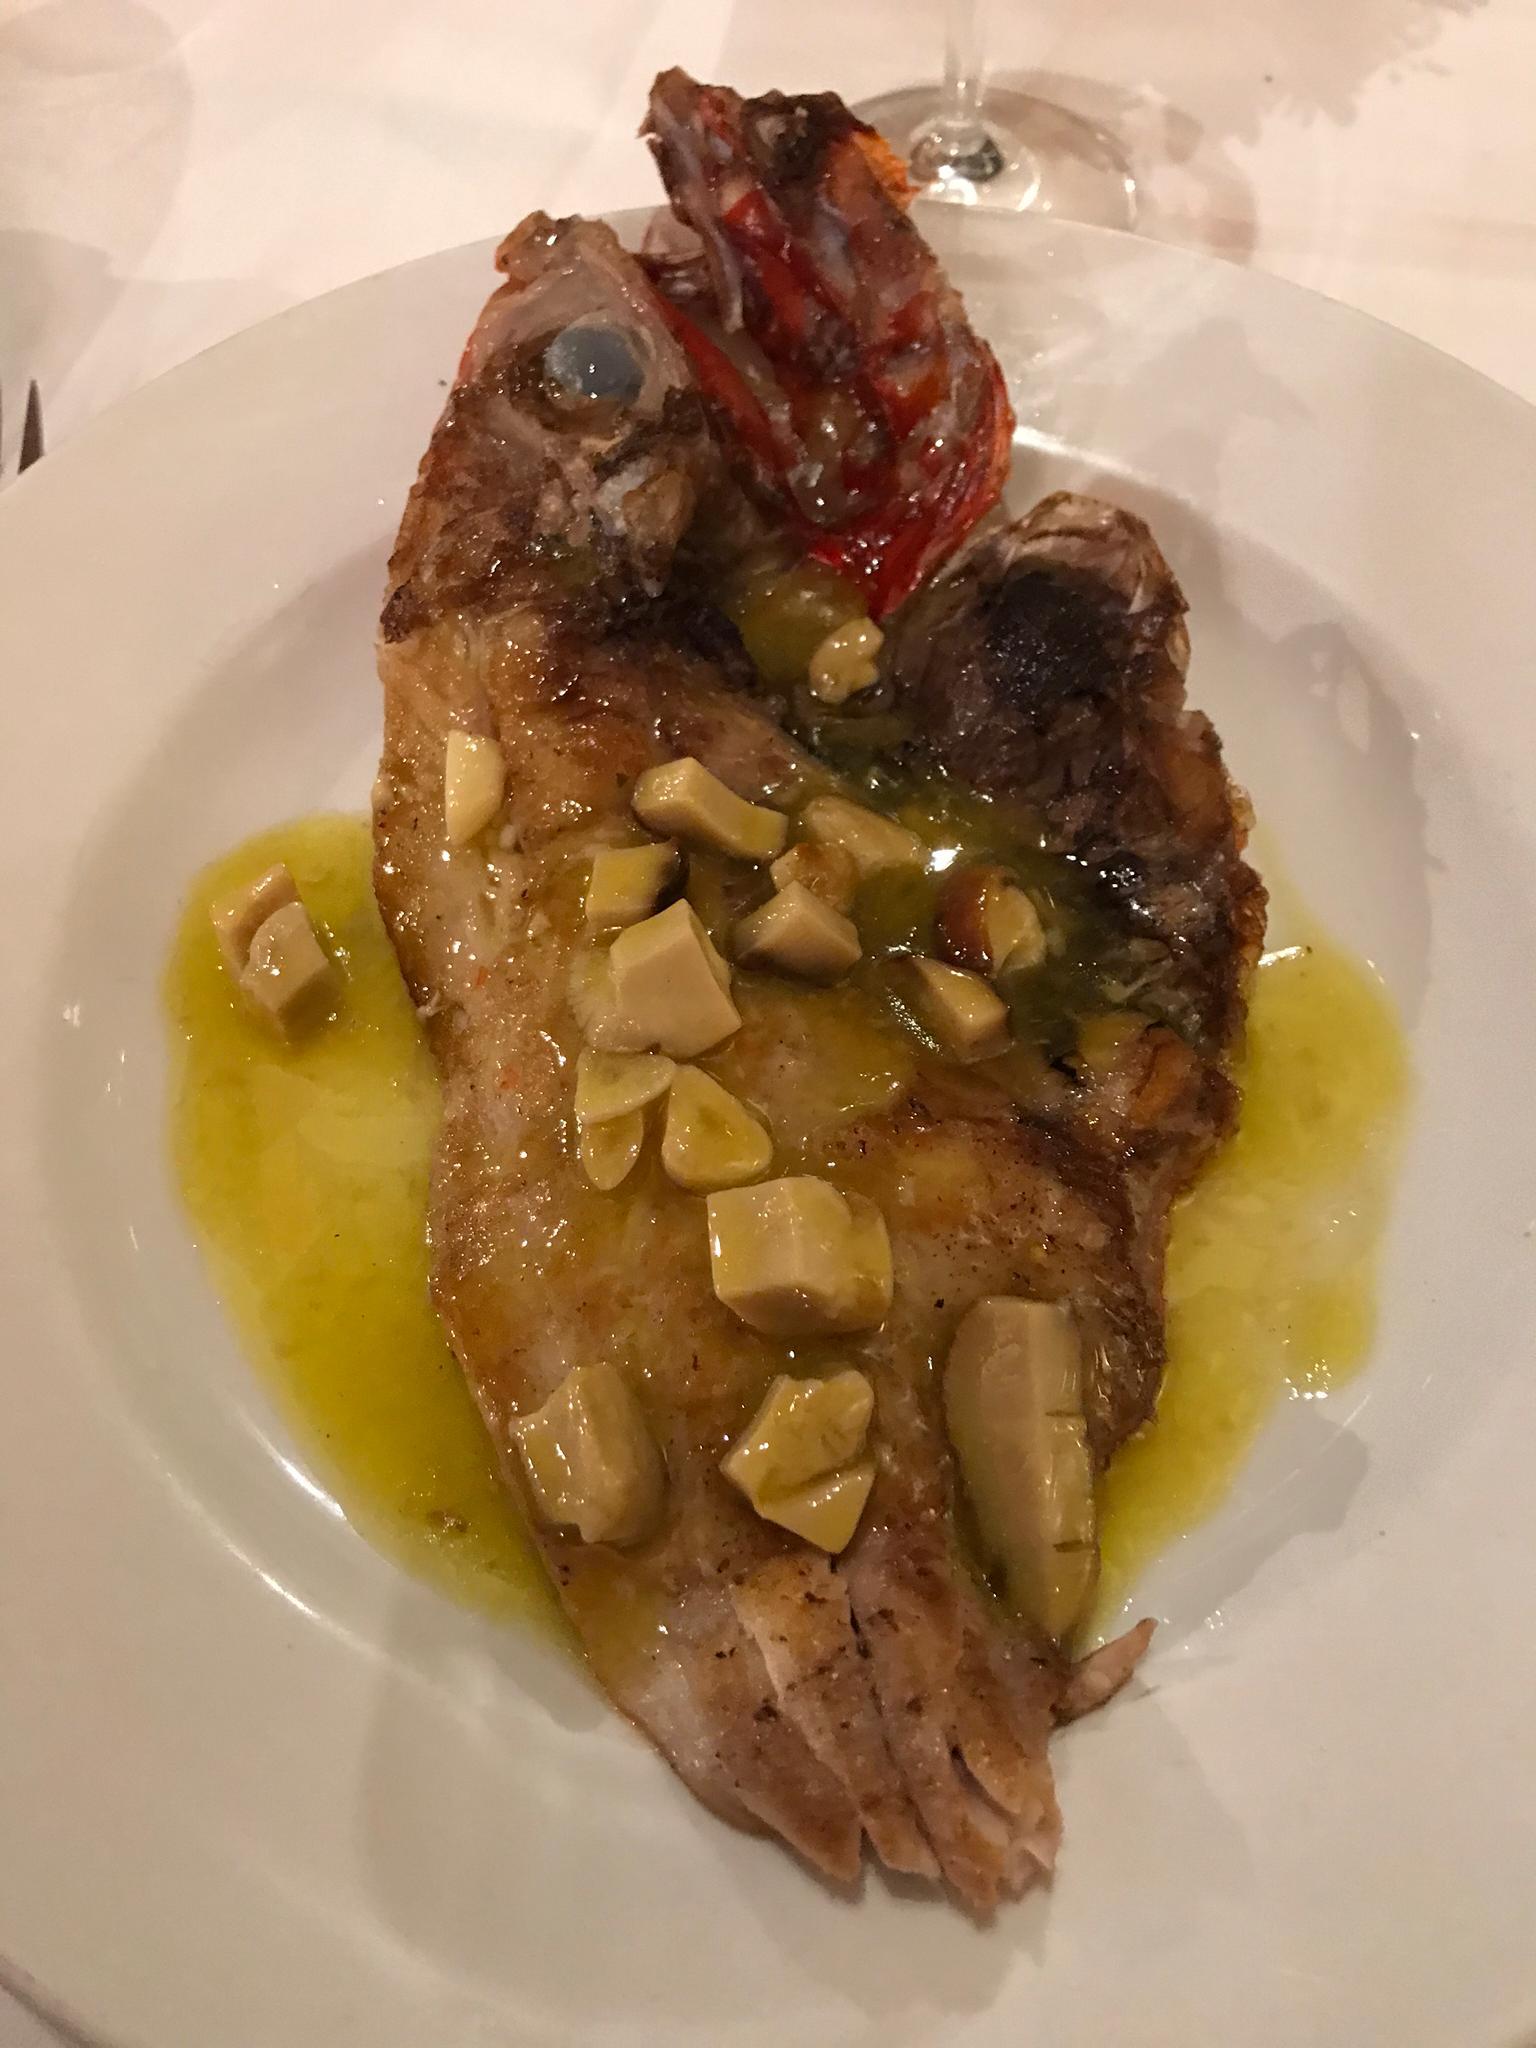 Reseñas gastronómicas: Visita al Restaurante Serrano de Astorga 2